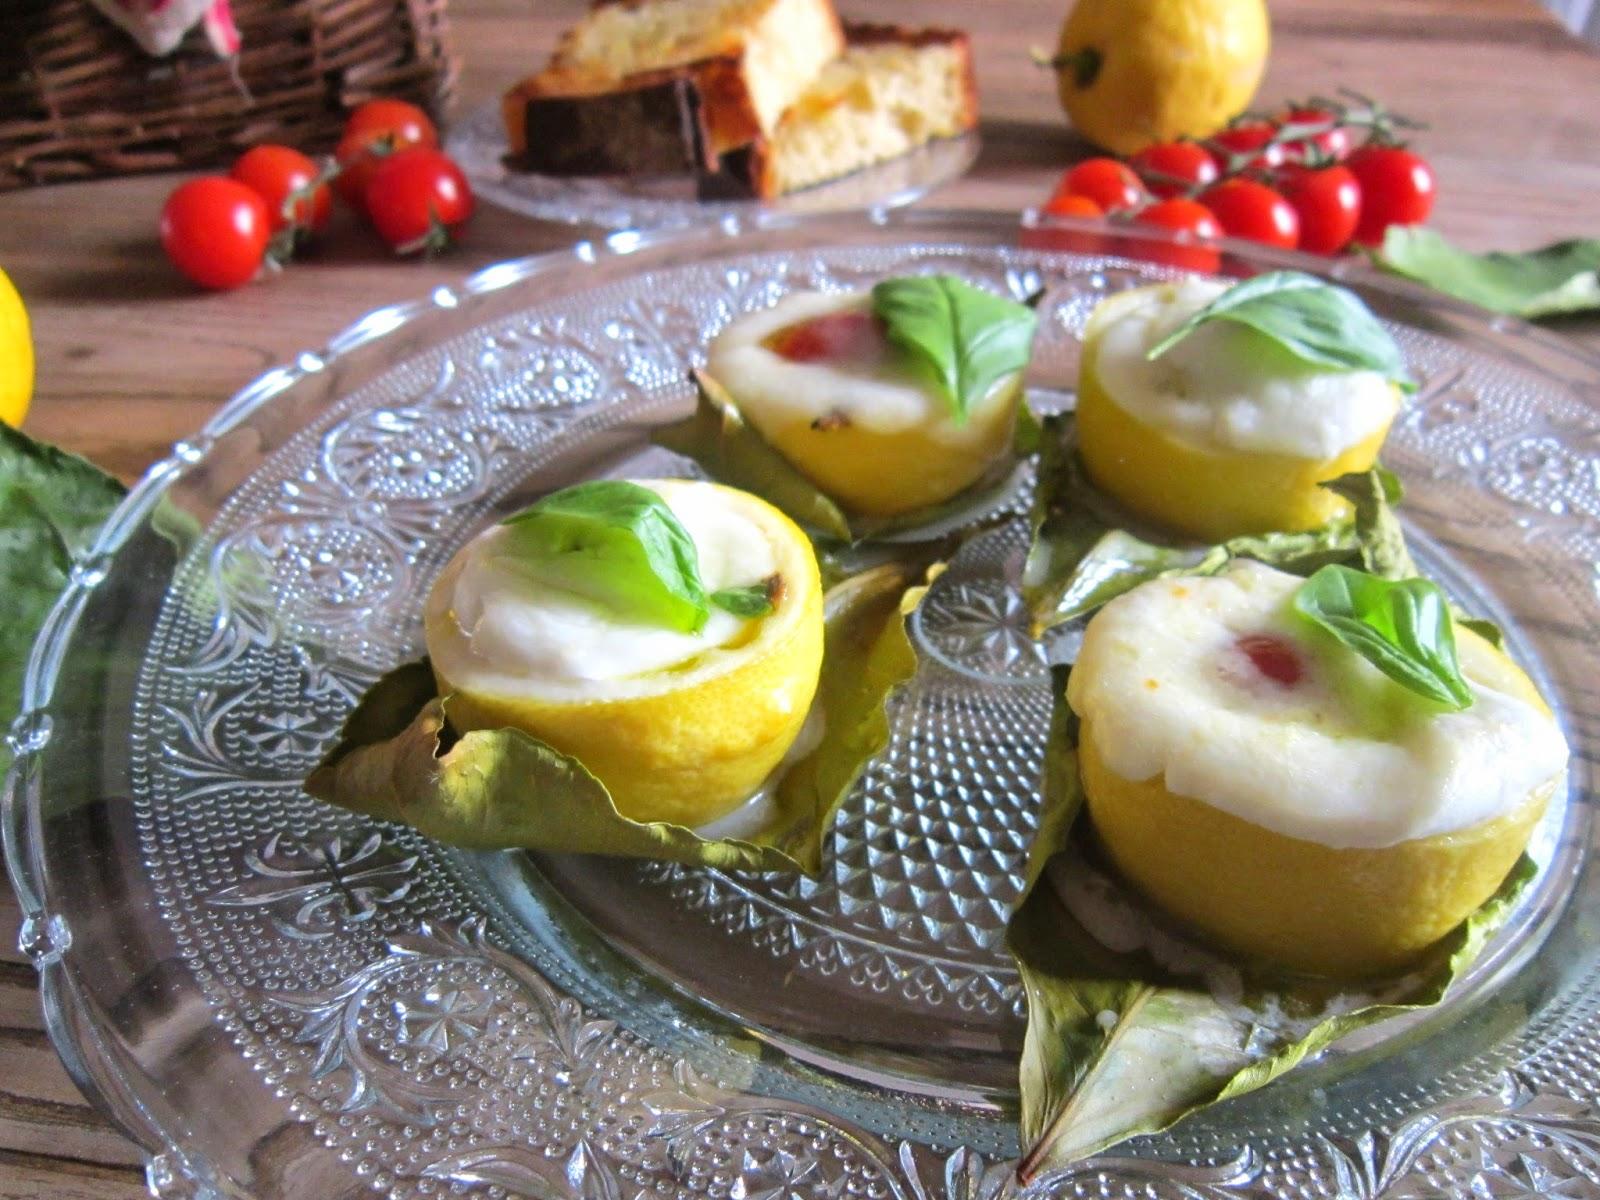 La casa delle briciole: limoni al forno ripieni con mozzarella di